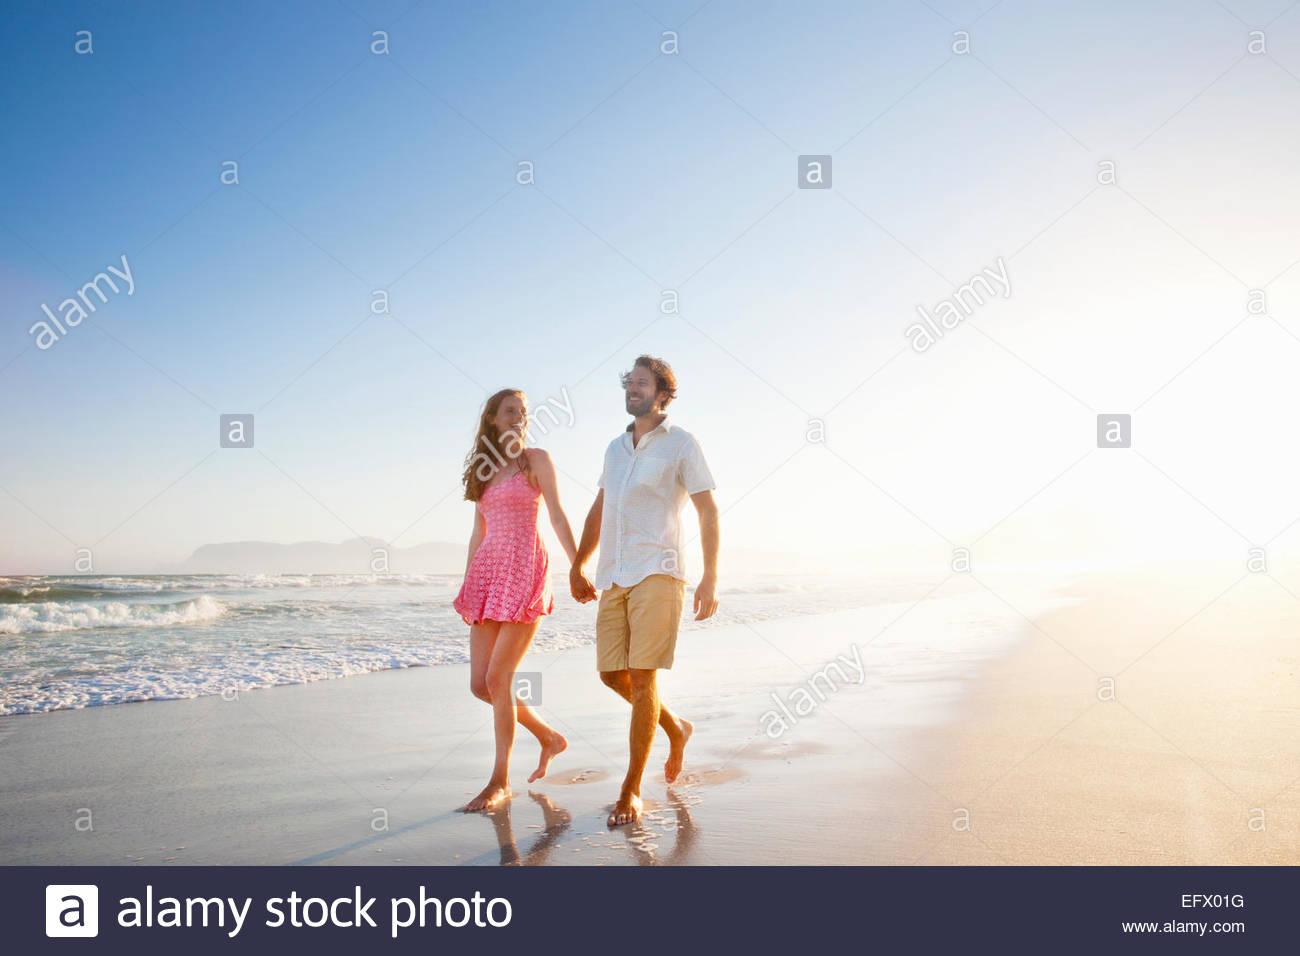 Lächelnde paar, Hand in Hand, sonnigen Strand entlang spazieren Stockbild